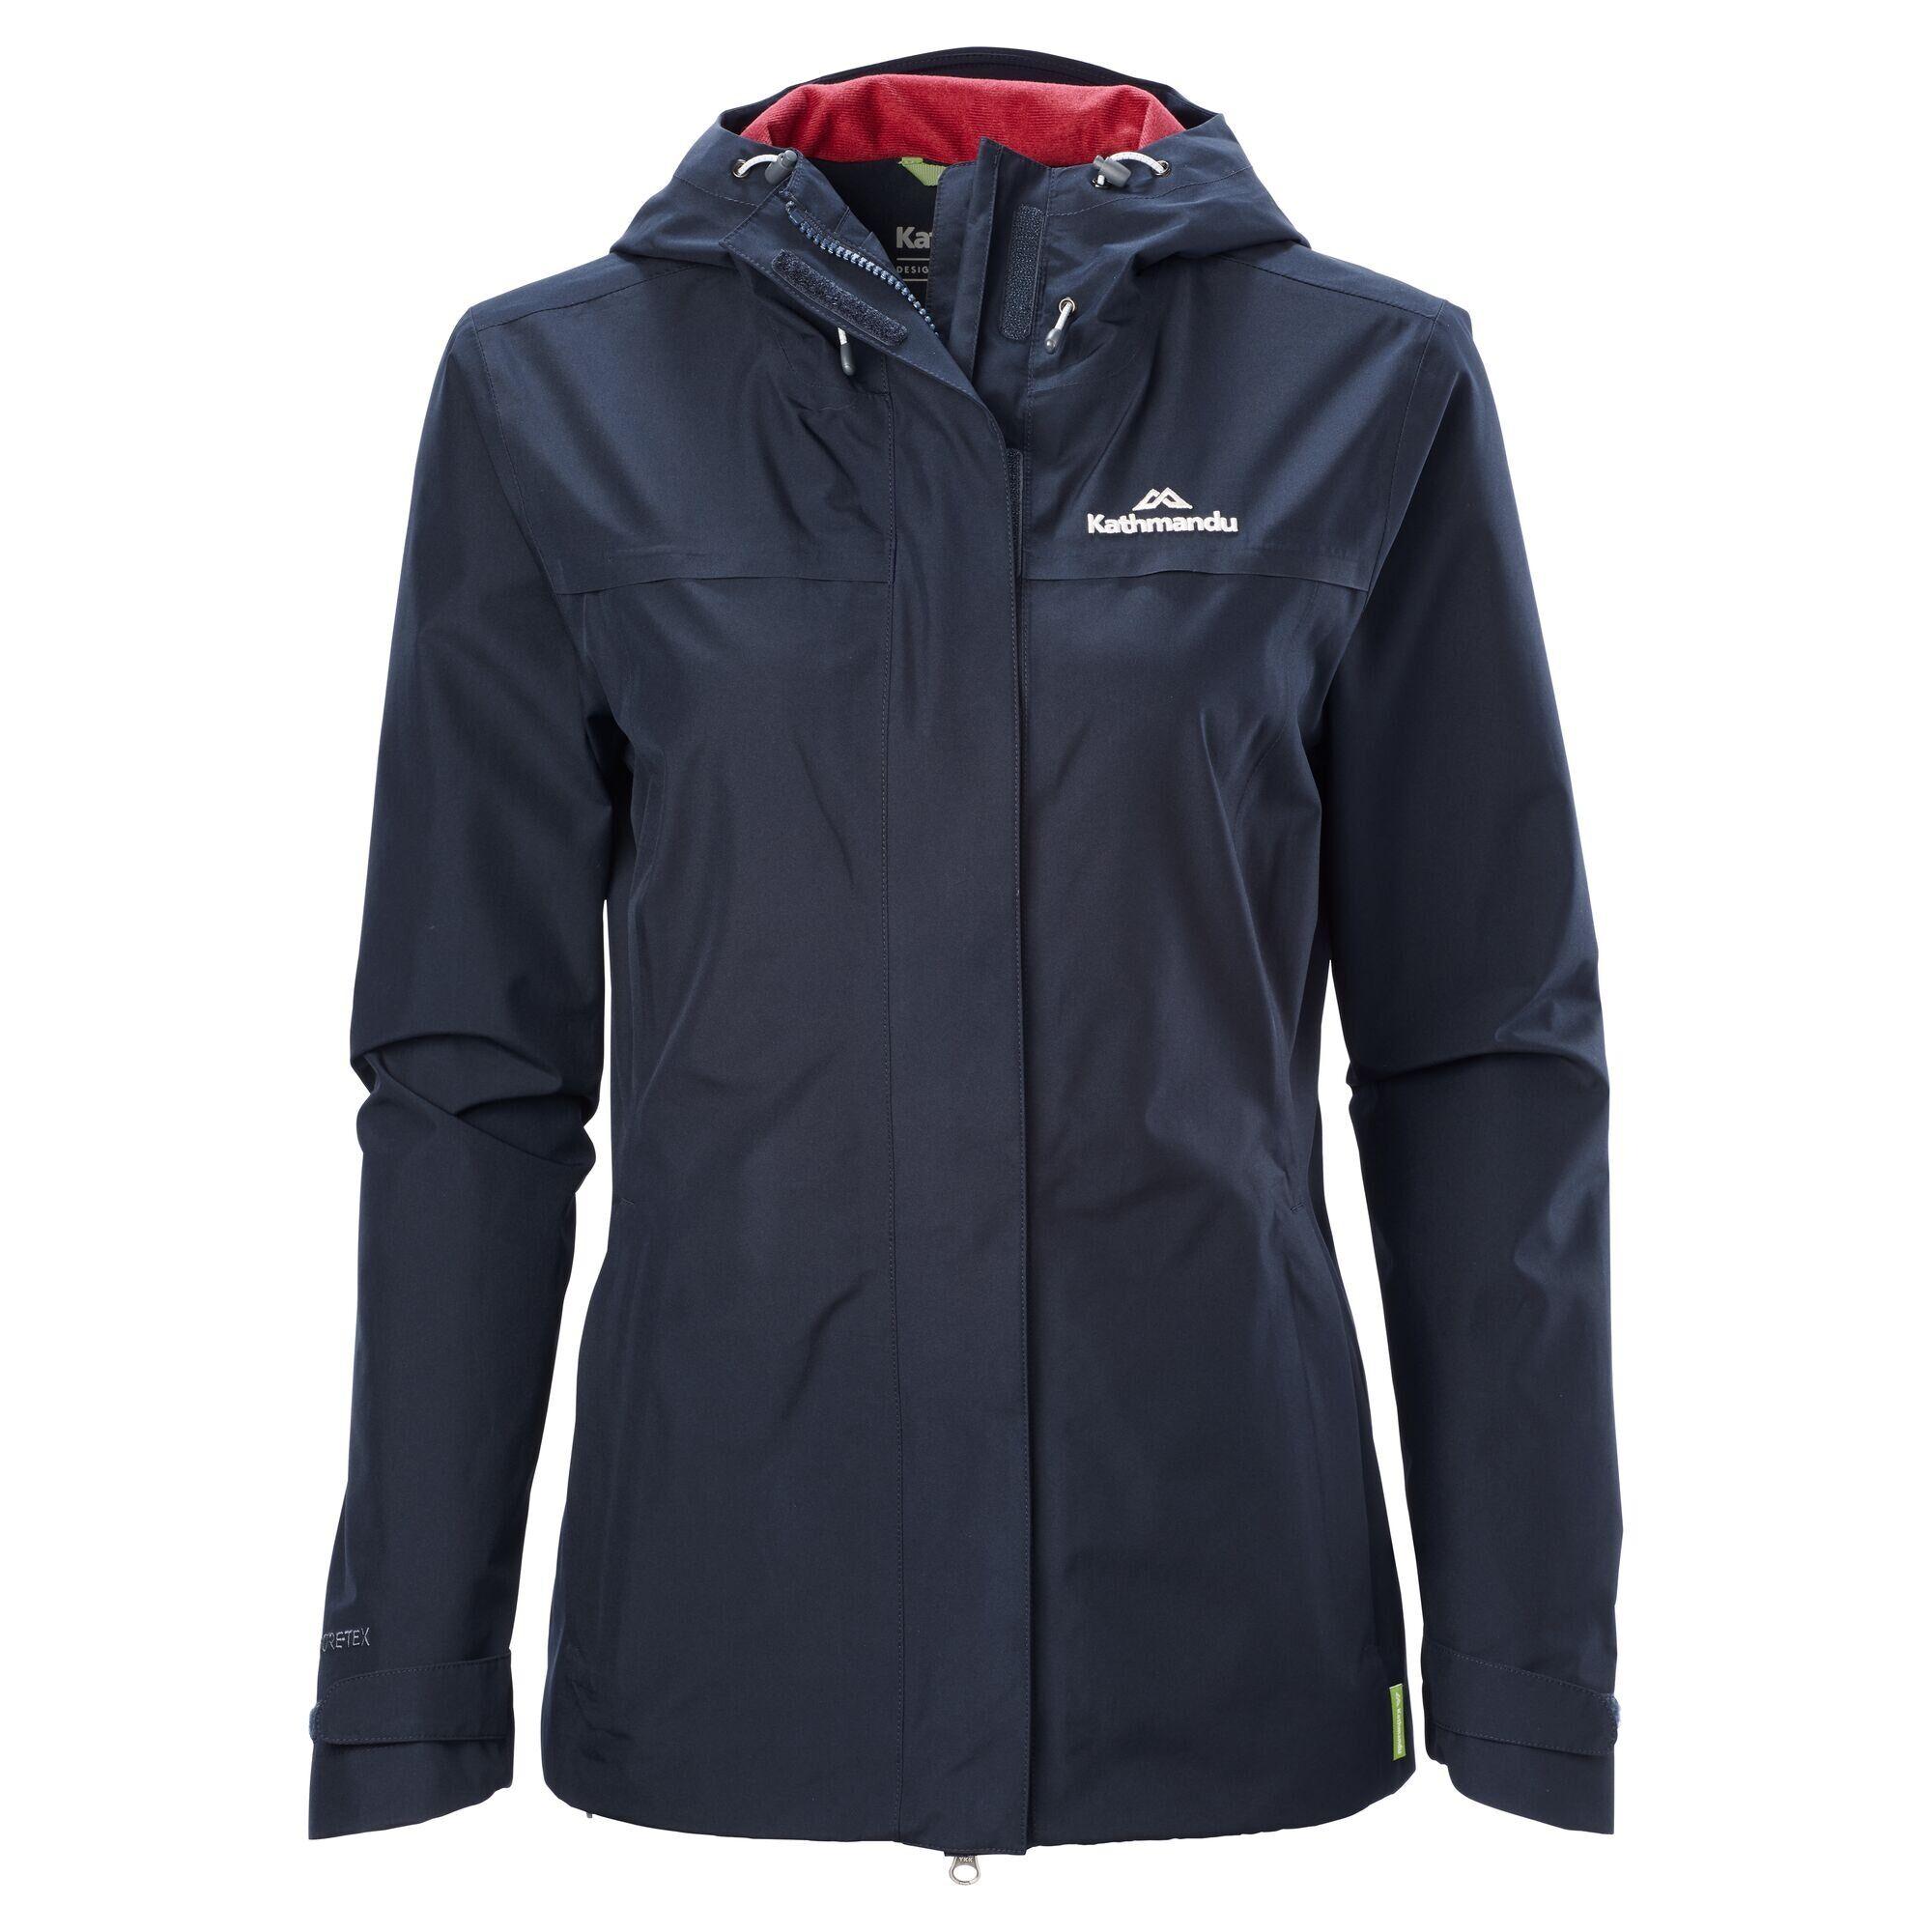 Kathmandu Bealey Women's GORE-TEX Jacket  - Midnight Navy - Size: US 6